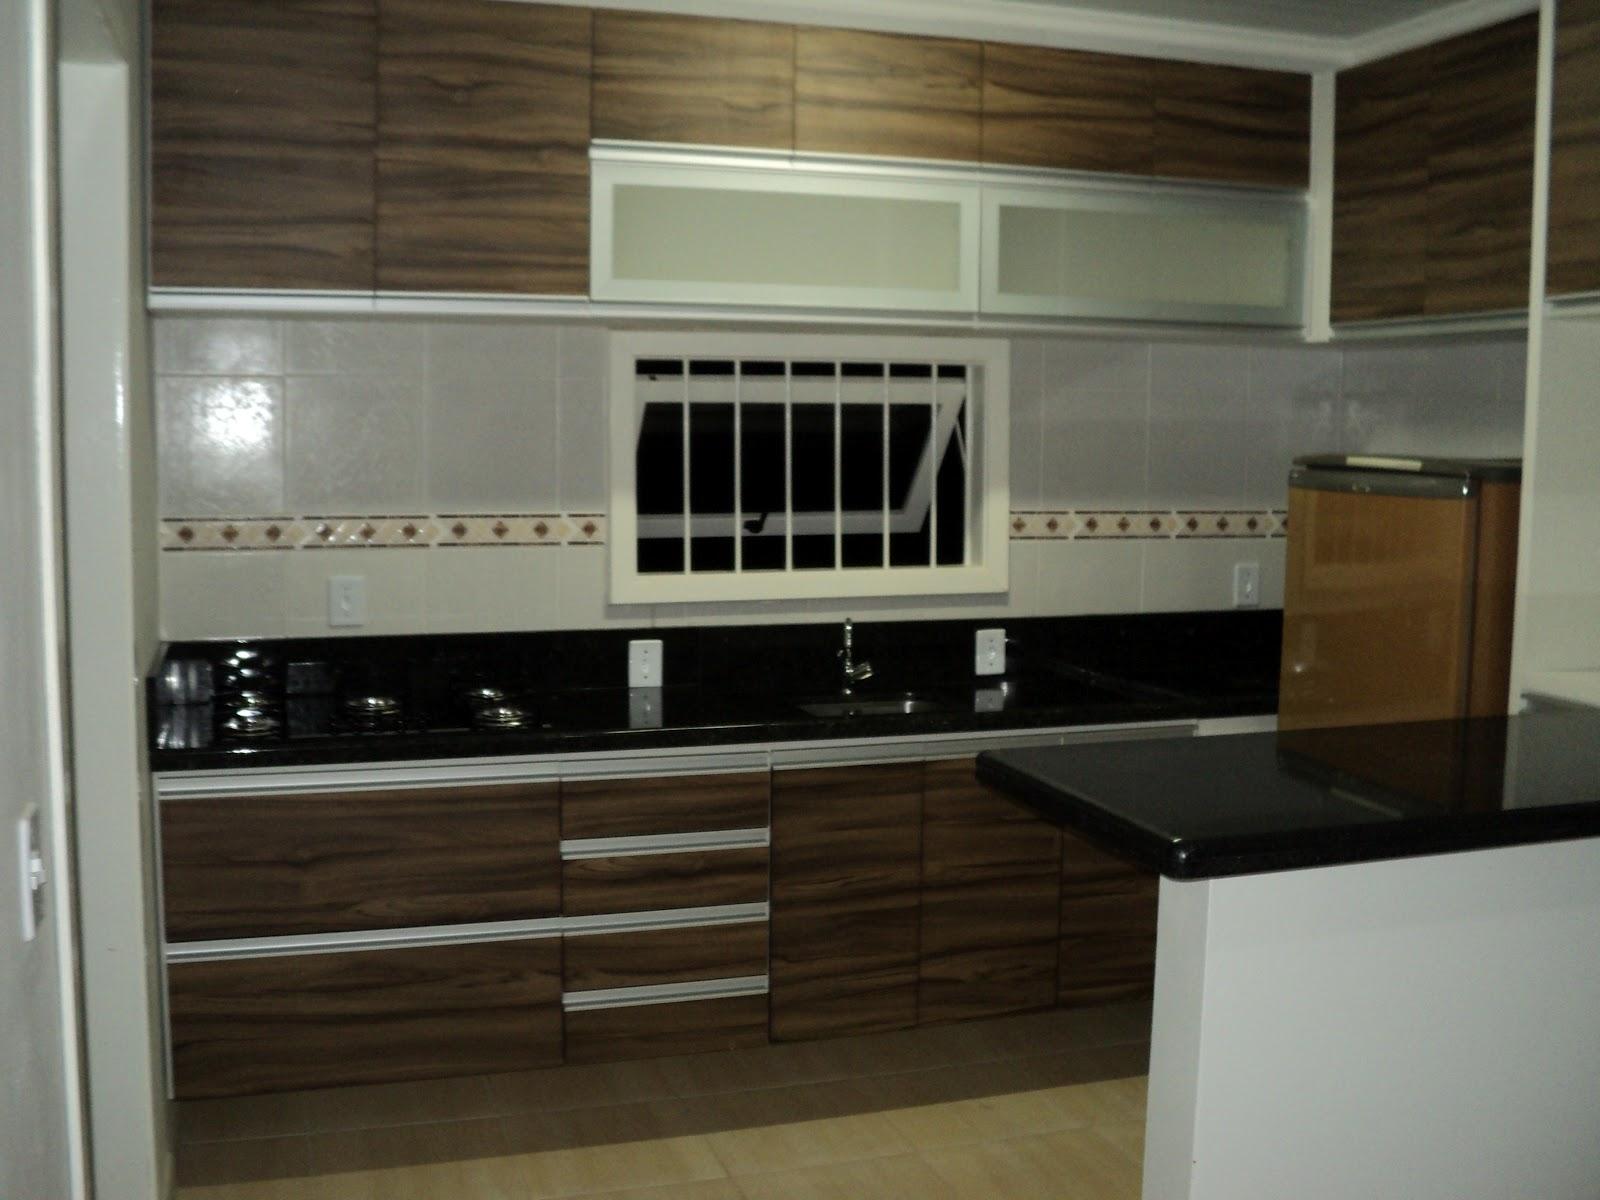 #5B4B32 Móveis Planejados: Cozinha 2011 1600x1200 px A Cozinha Mais Recente Projeta Fotos_836 Imagens